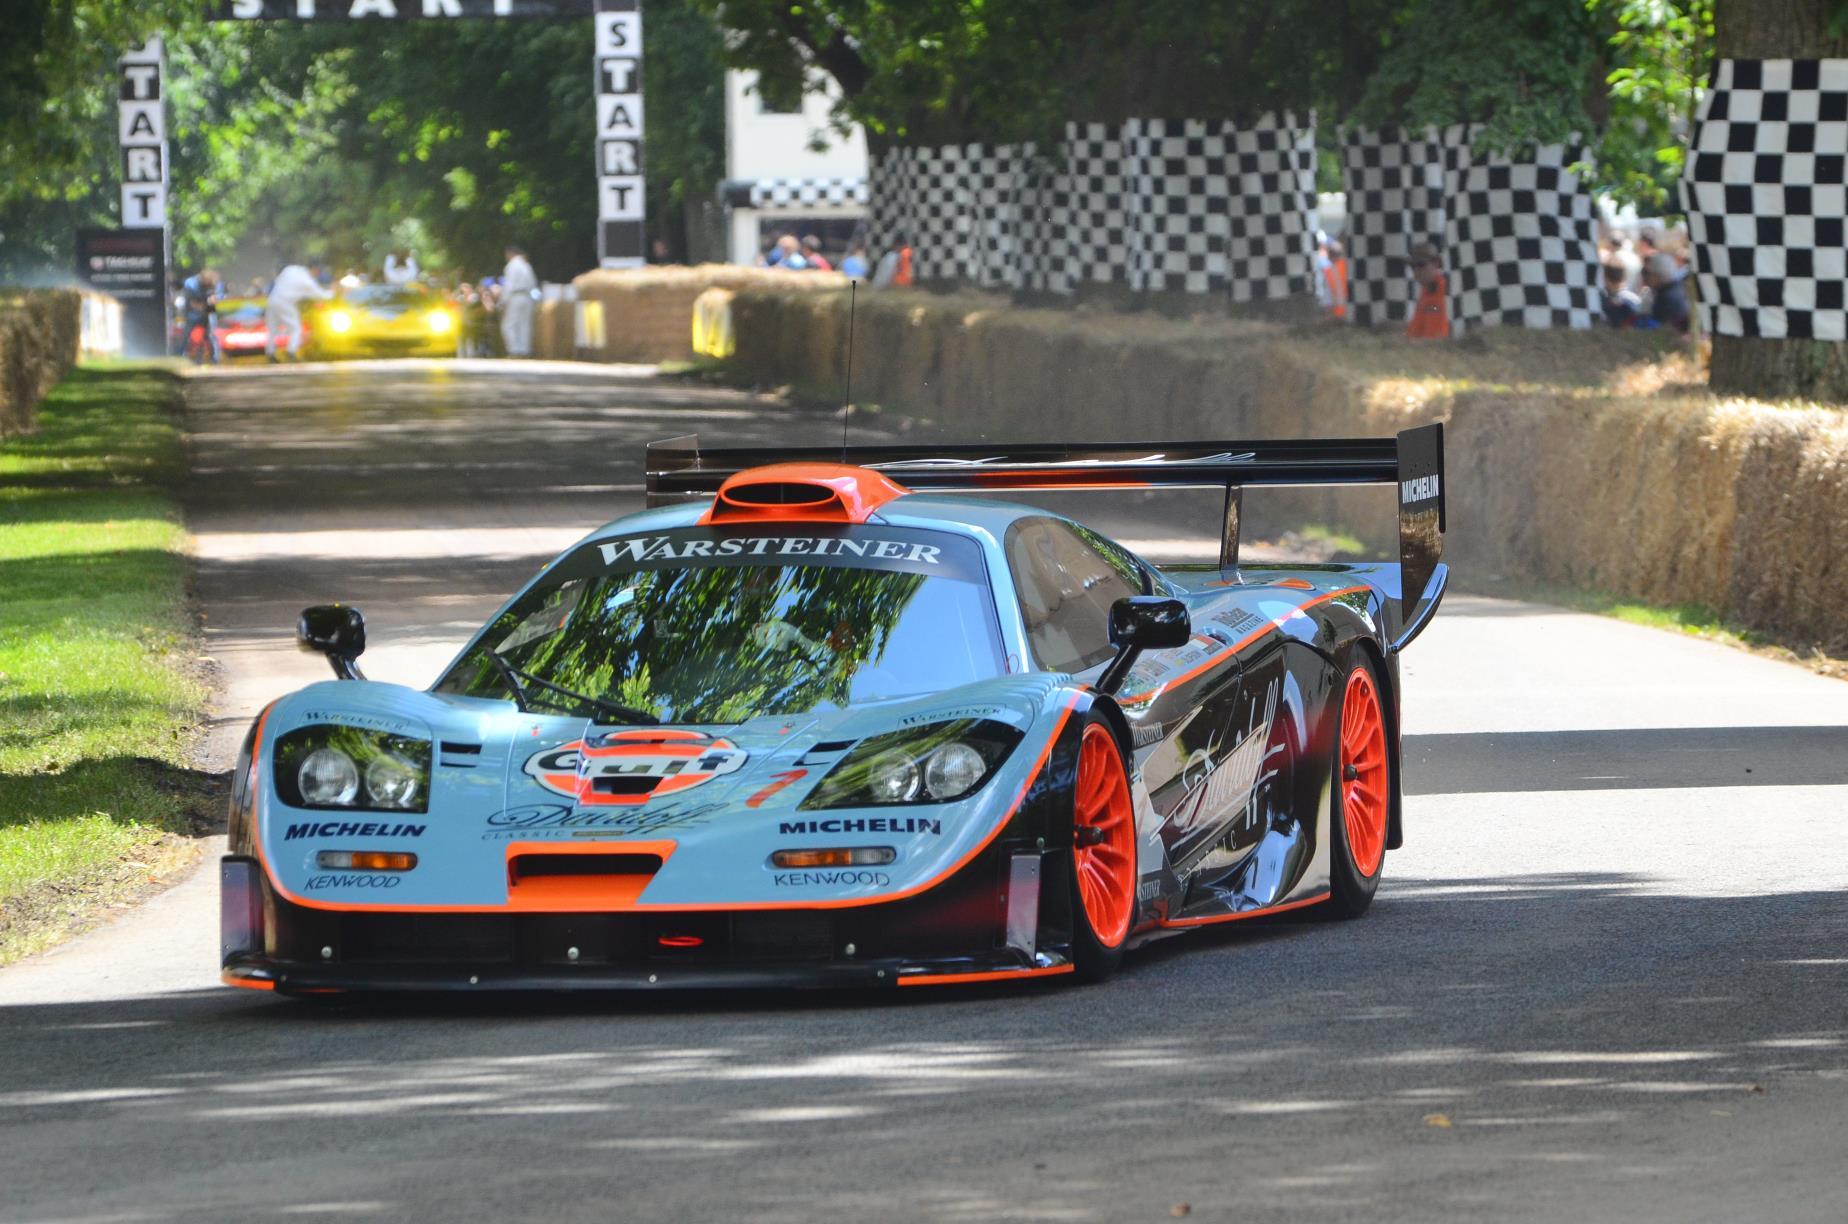 McLaren F1 GTR Longtail 3